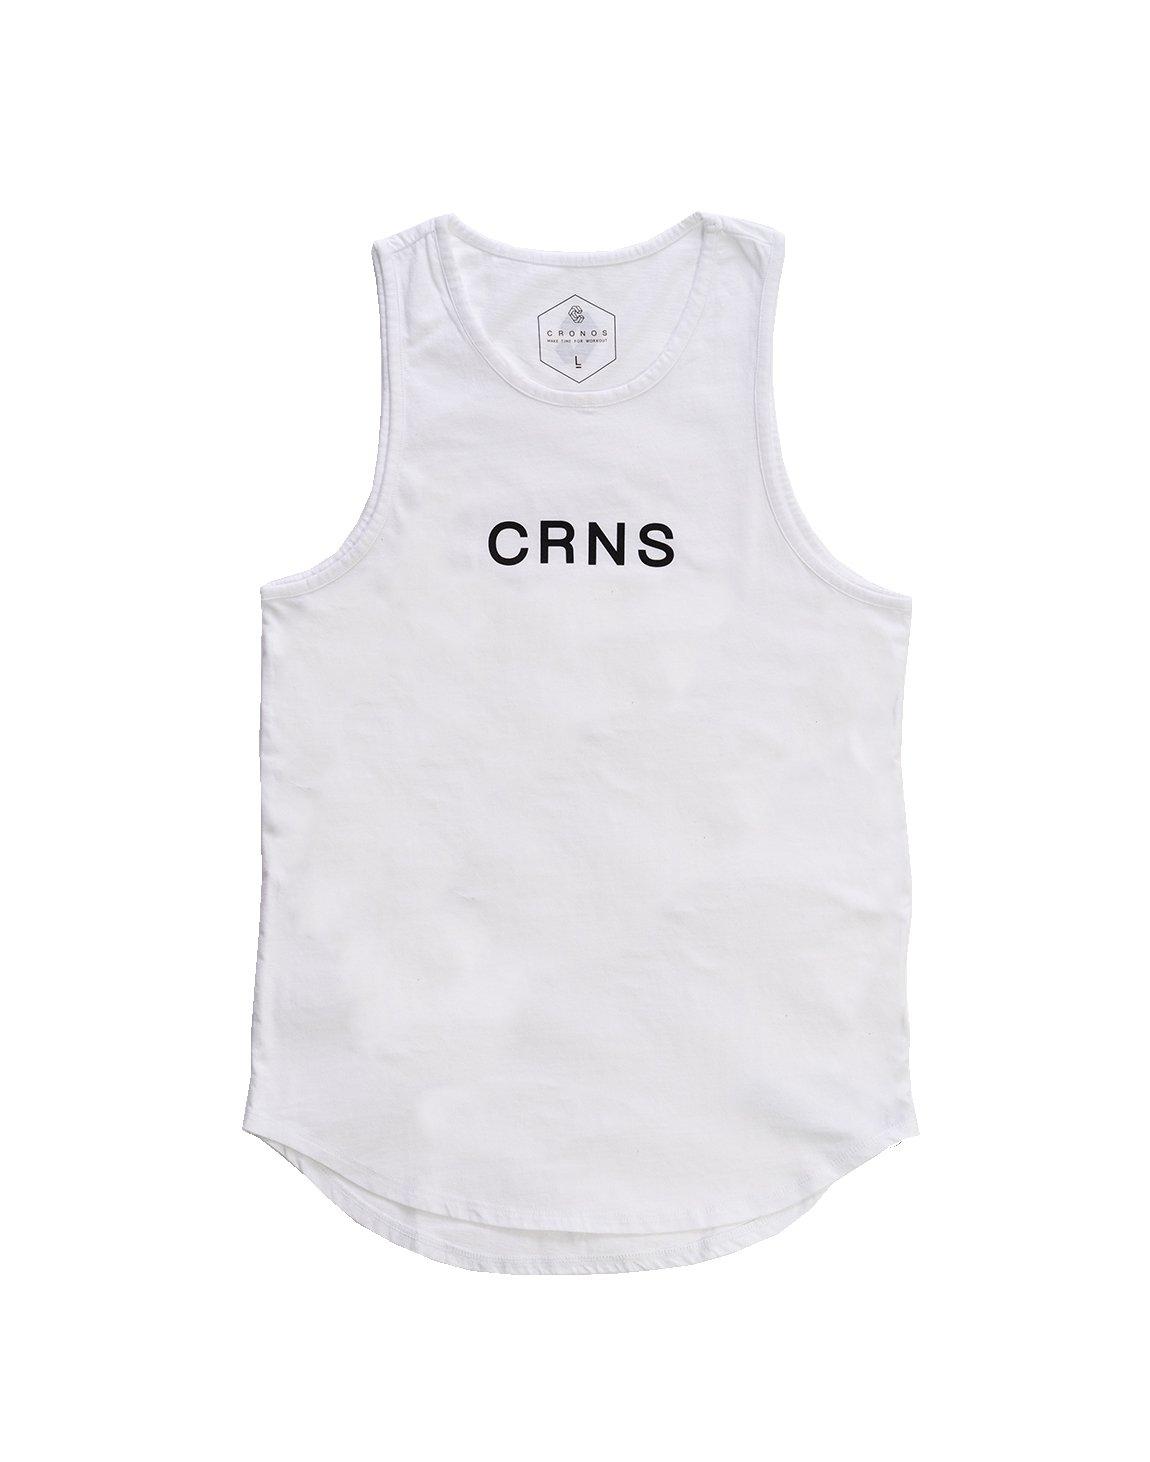 CRNS TANKTOP WHITE